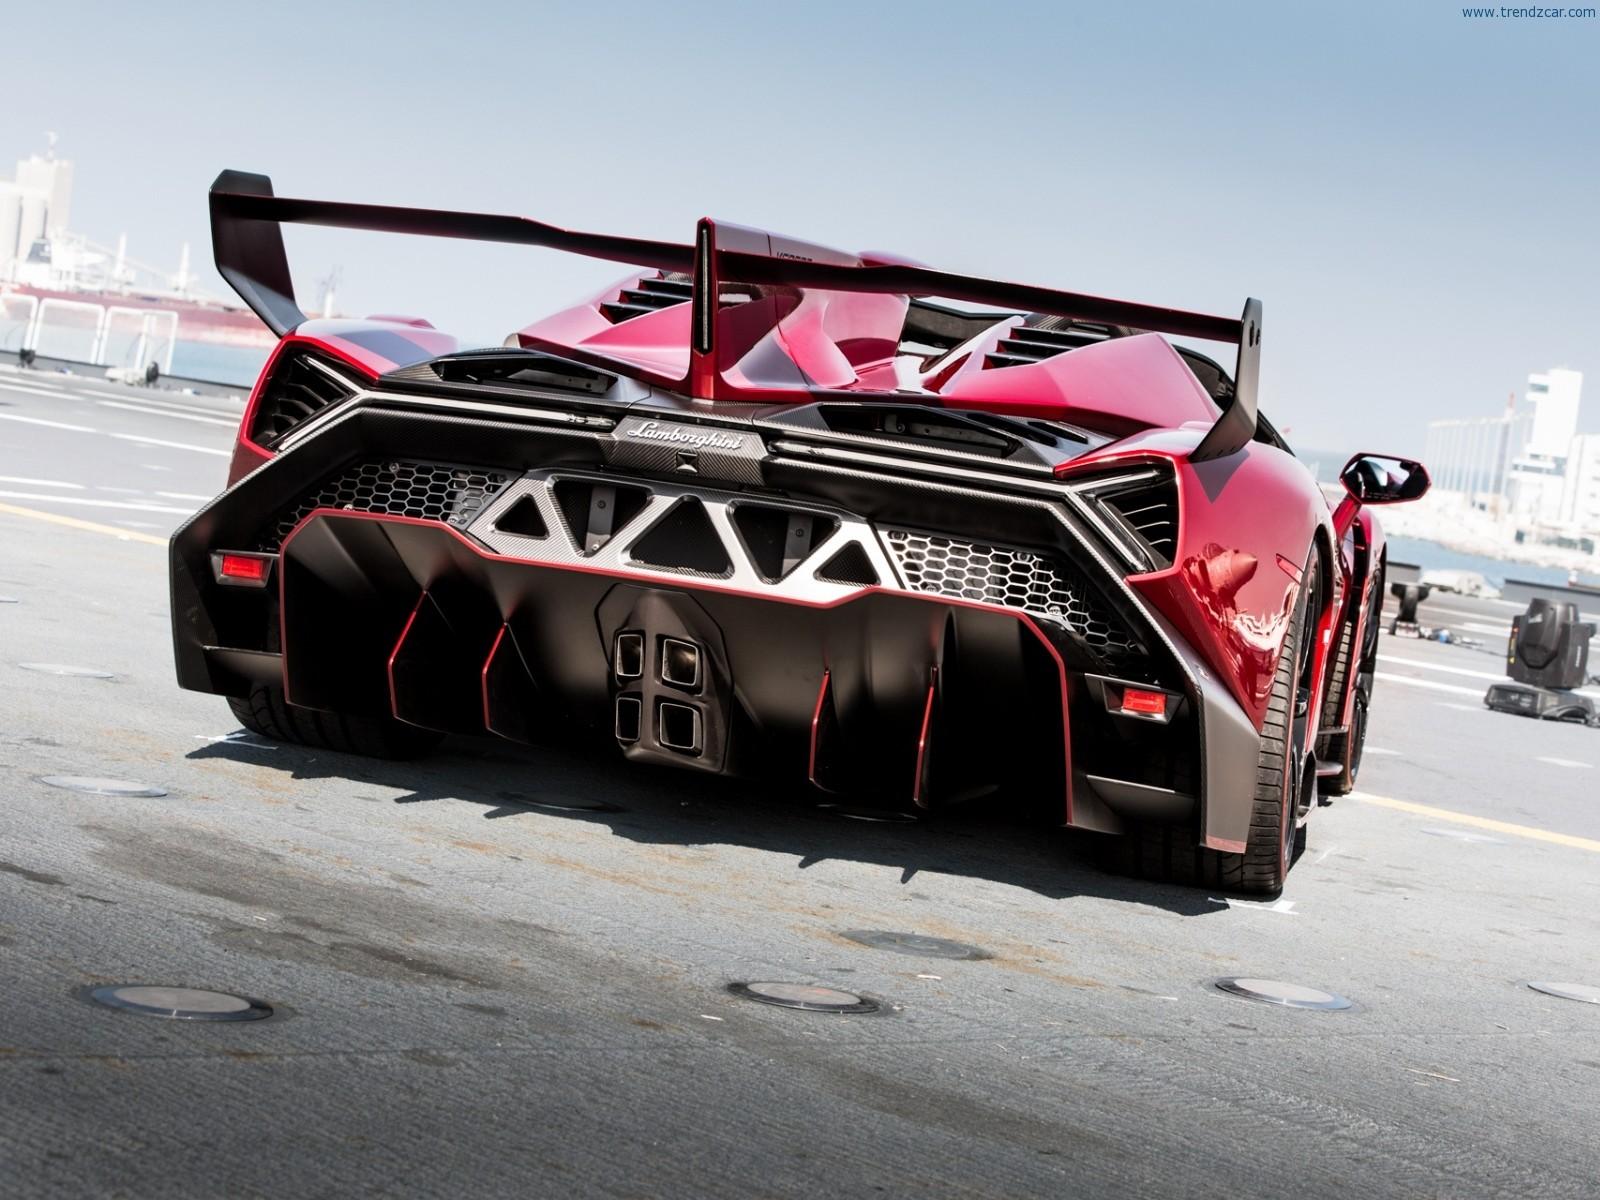 3d Bugatti Car Wallpaper 2014 Lamborghini Veneno Roadster Rear Angle 4 Muscle